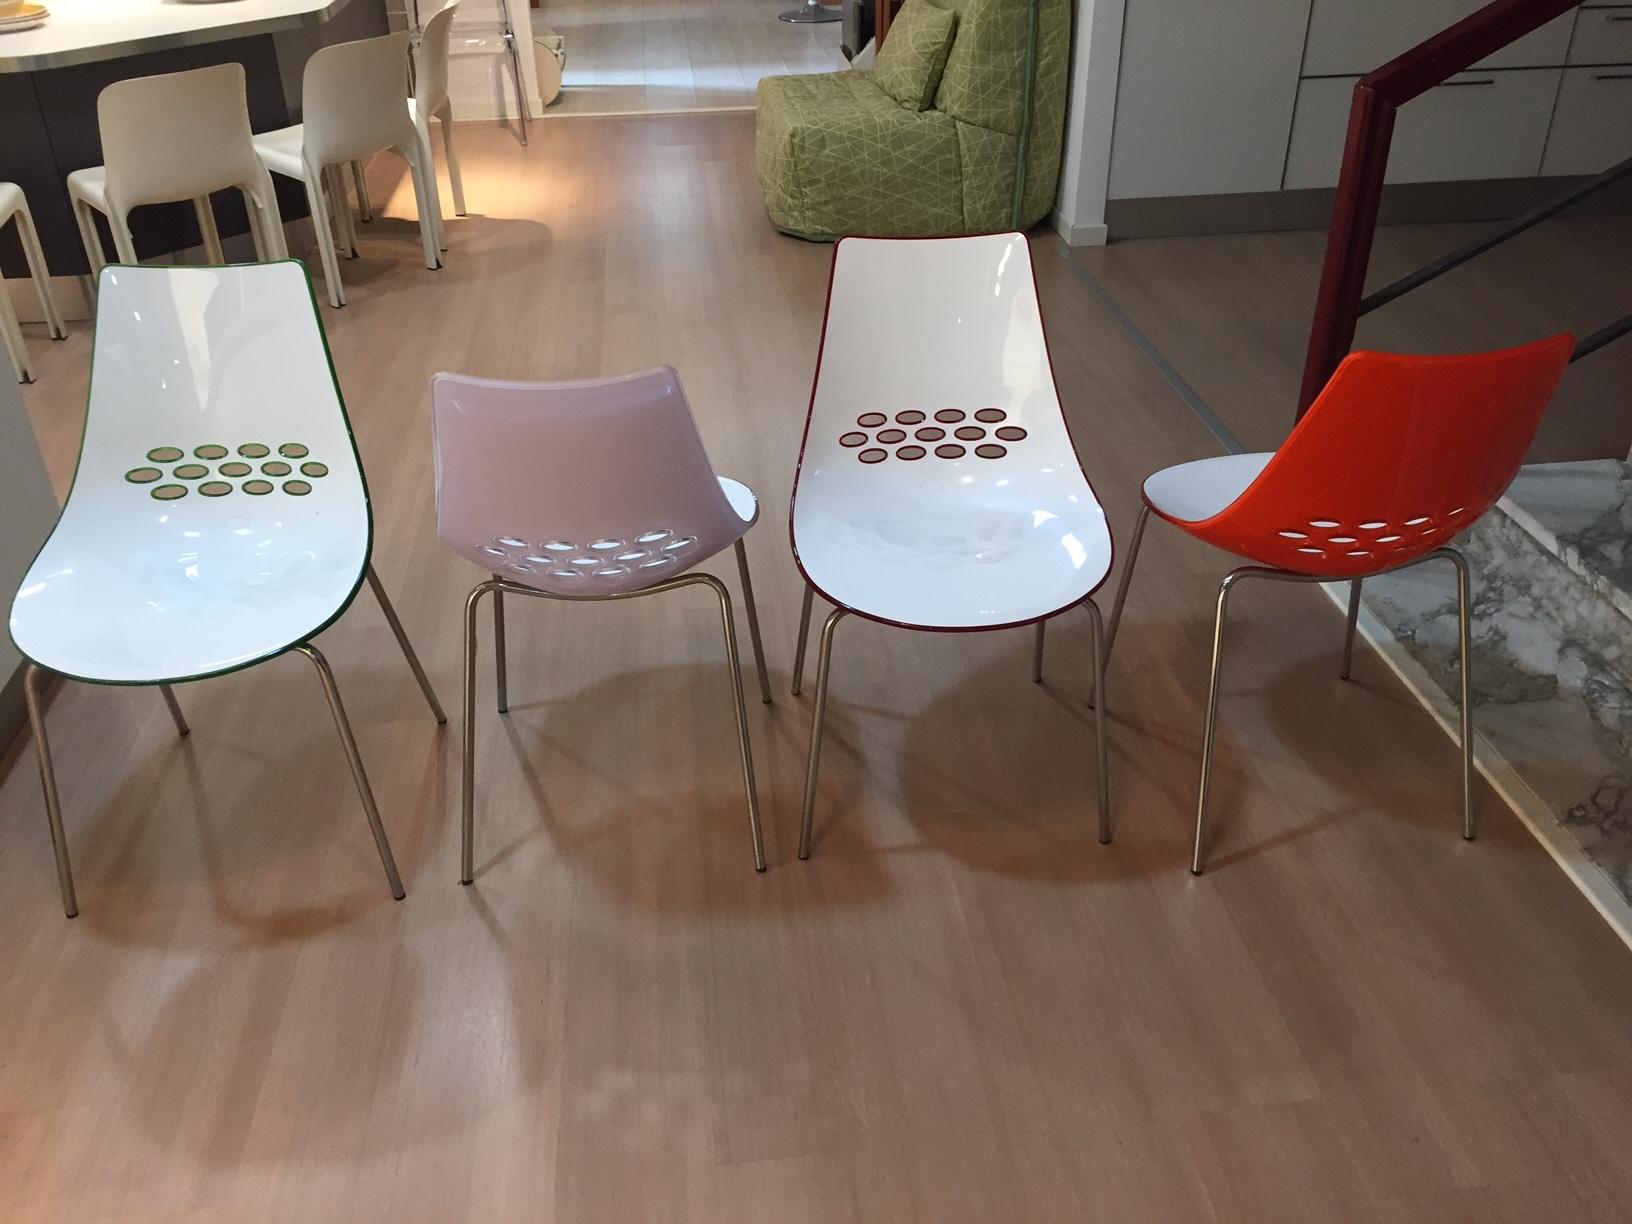 Sedia jam calligaris prezzo scontato sedie a prezzi scontati for Sedie cucina prezzi